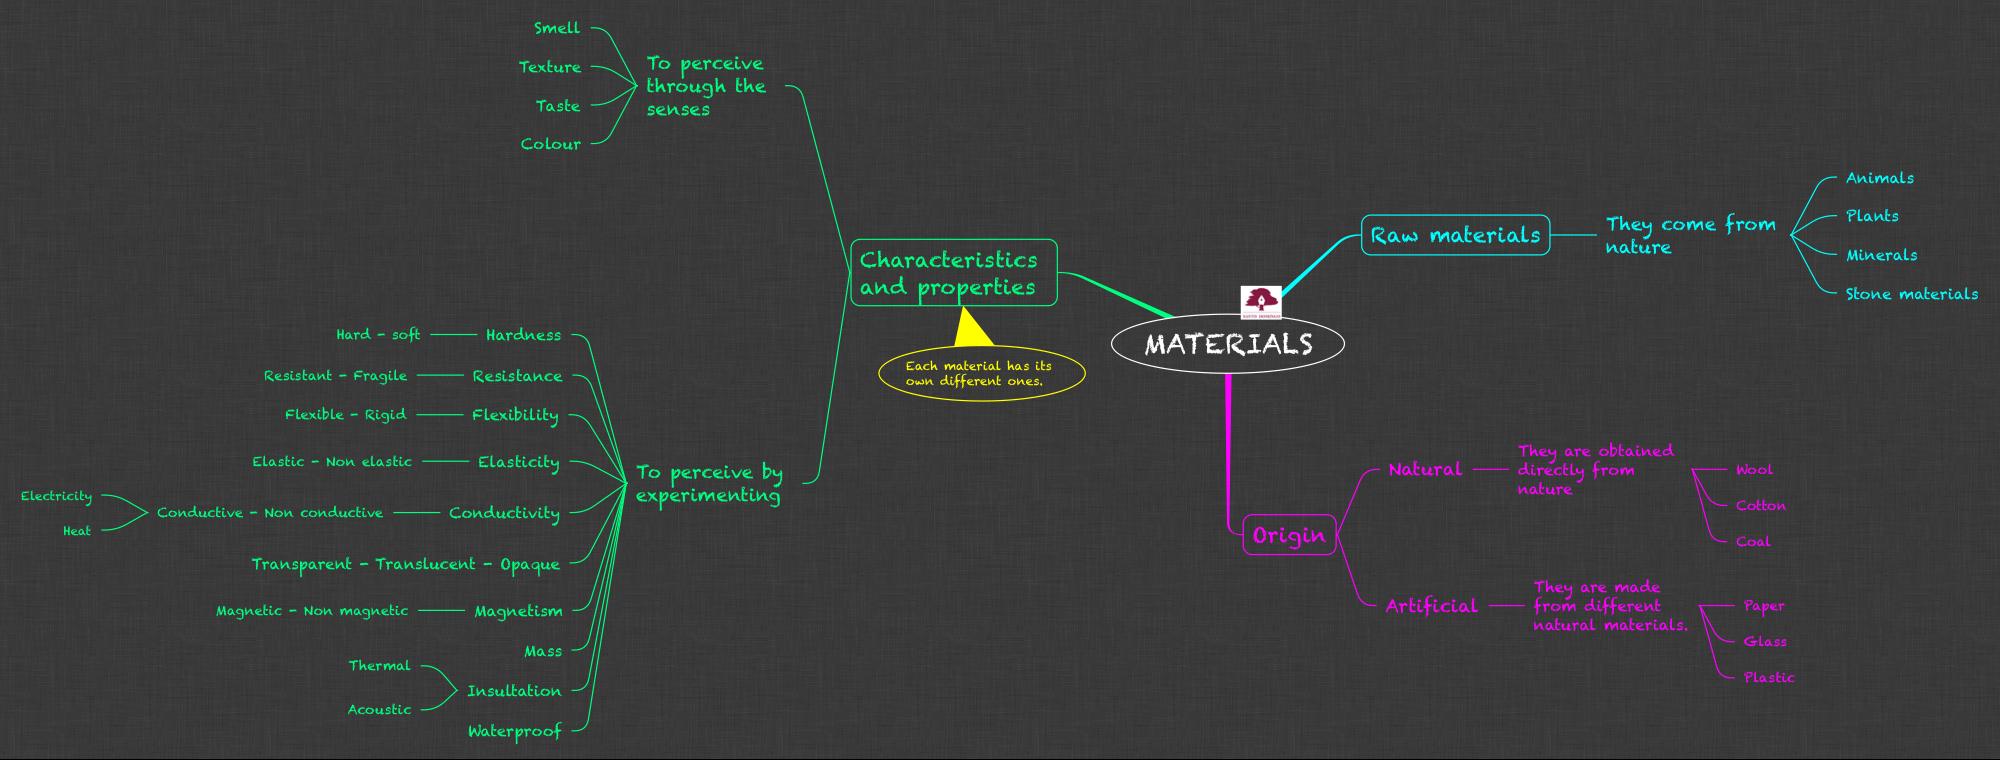 NS_MATERIALS_5